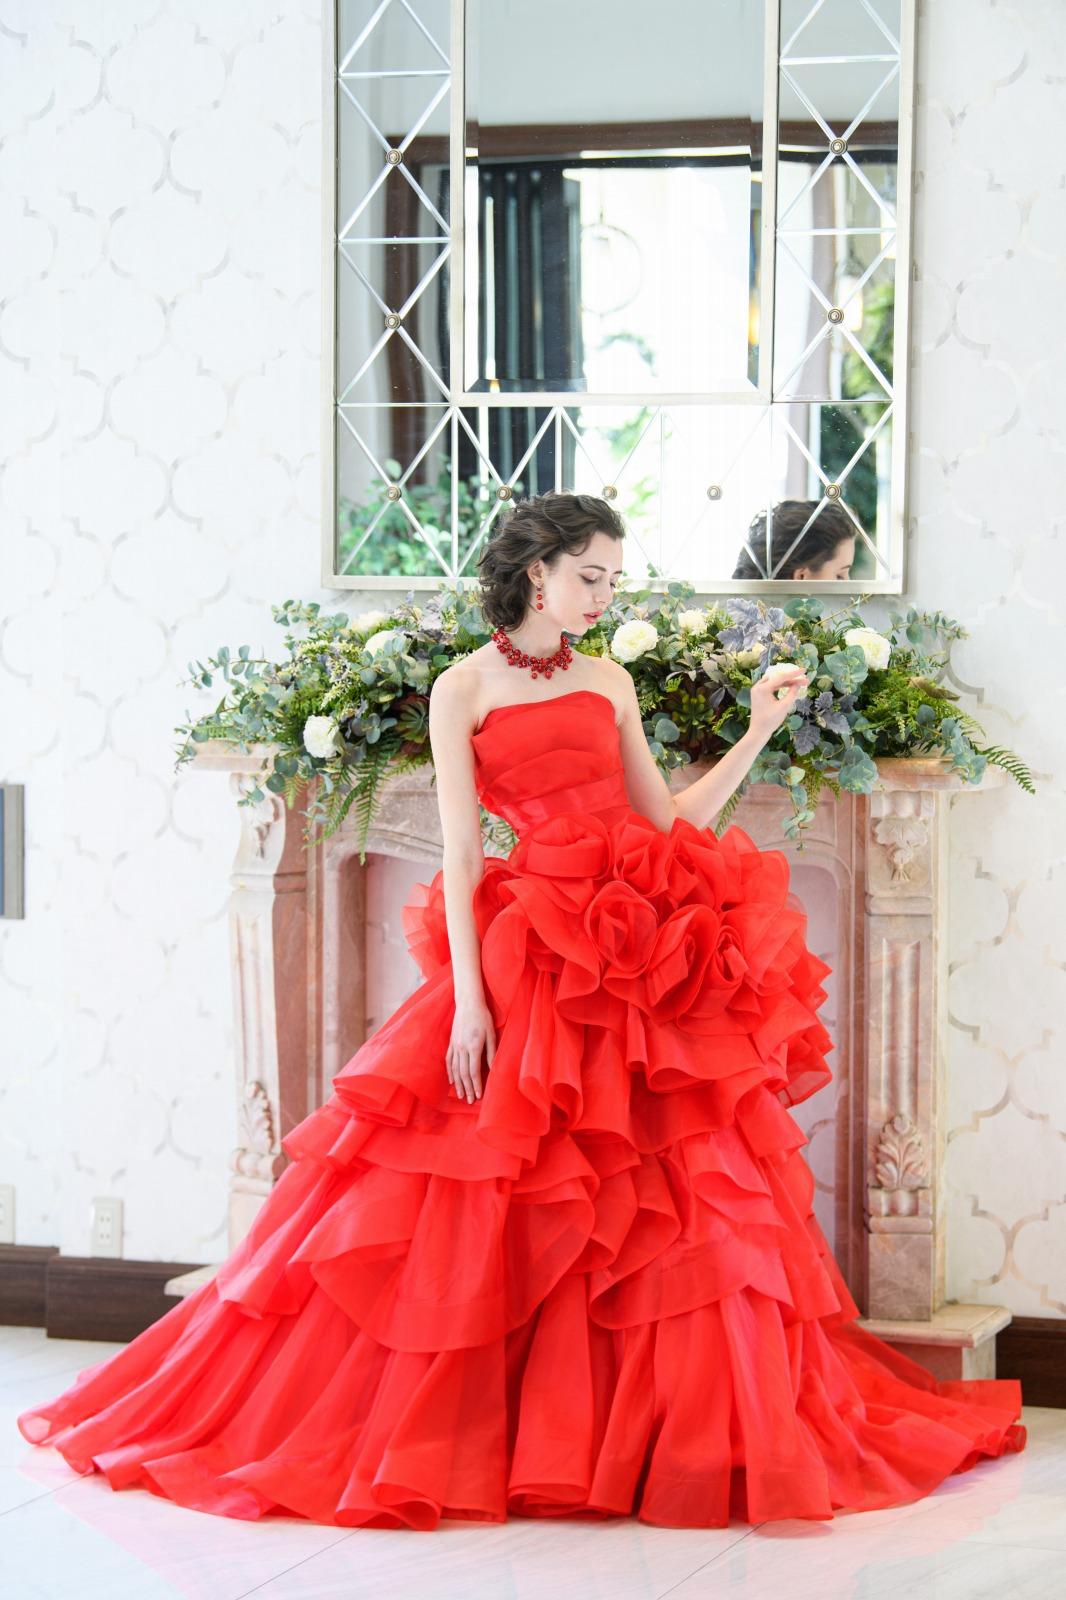 オータムスペシャルキャンペーン!花嫁様衣裳の2着目レンタルで、2着目のドレス・和装が10%オフ!大好評開催中!!